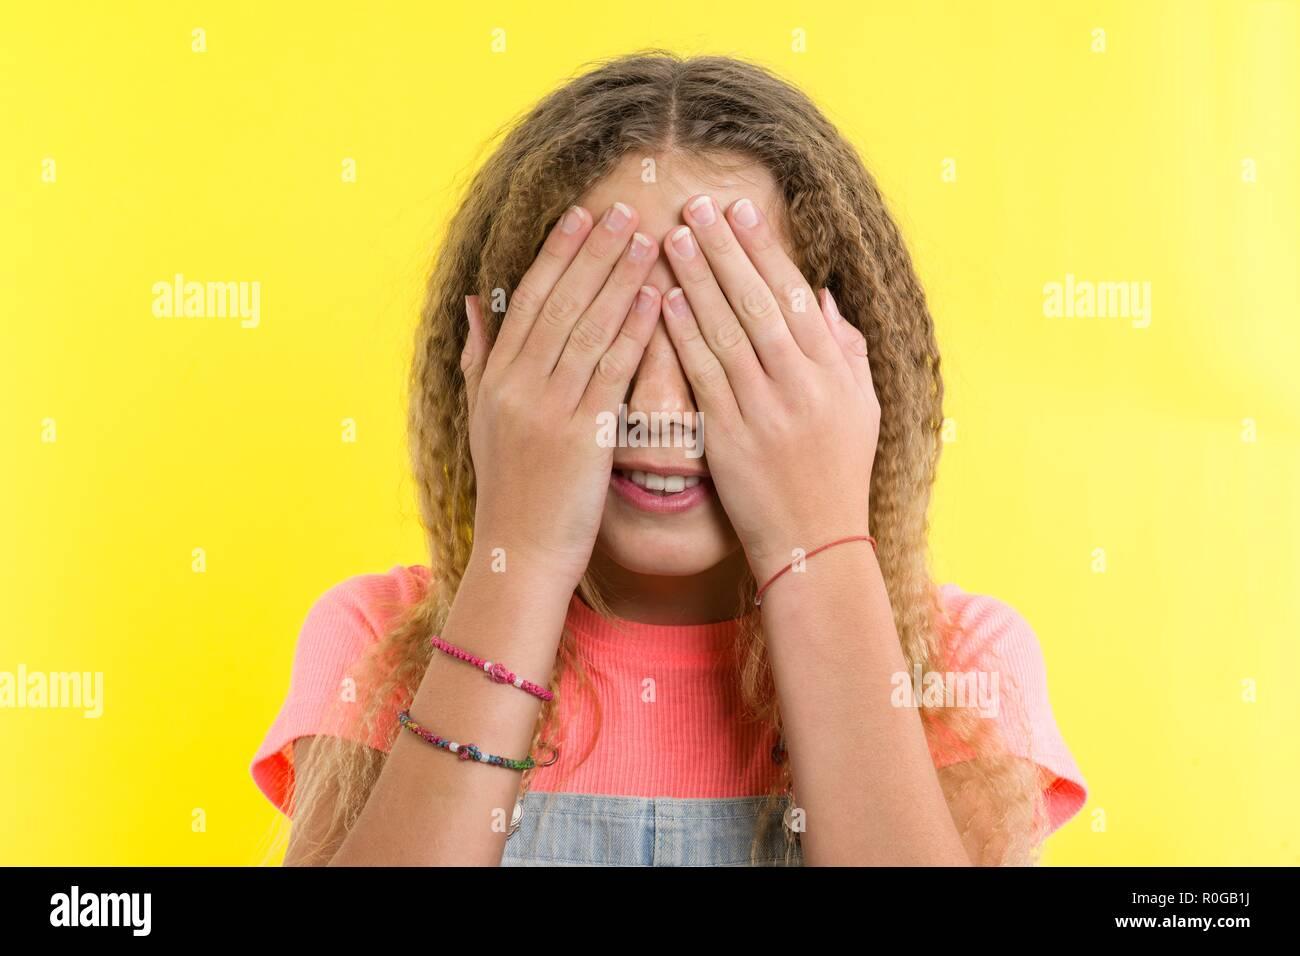 Ragazza adolescente con ricci capelli biondi il viso coperto con le mani, luminoso giallo di sfondo per studio. Immagini Stock